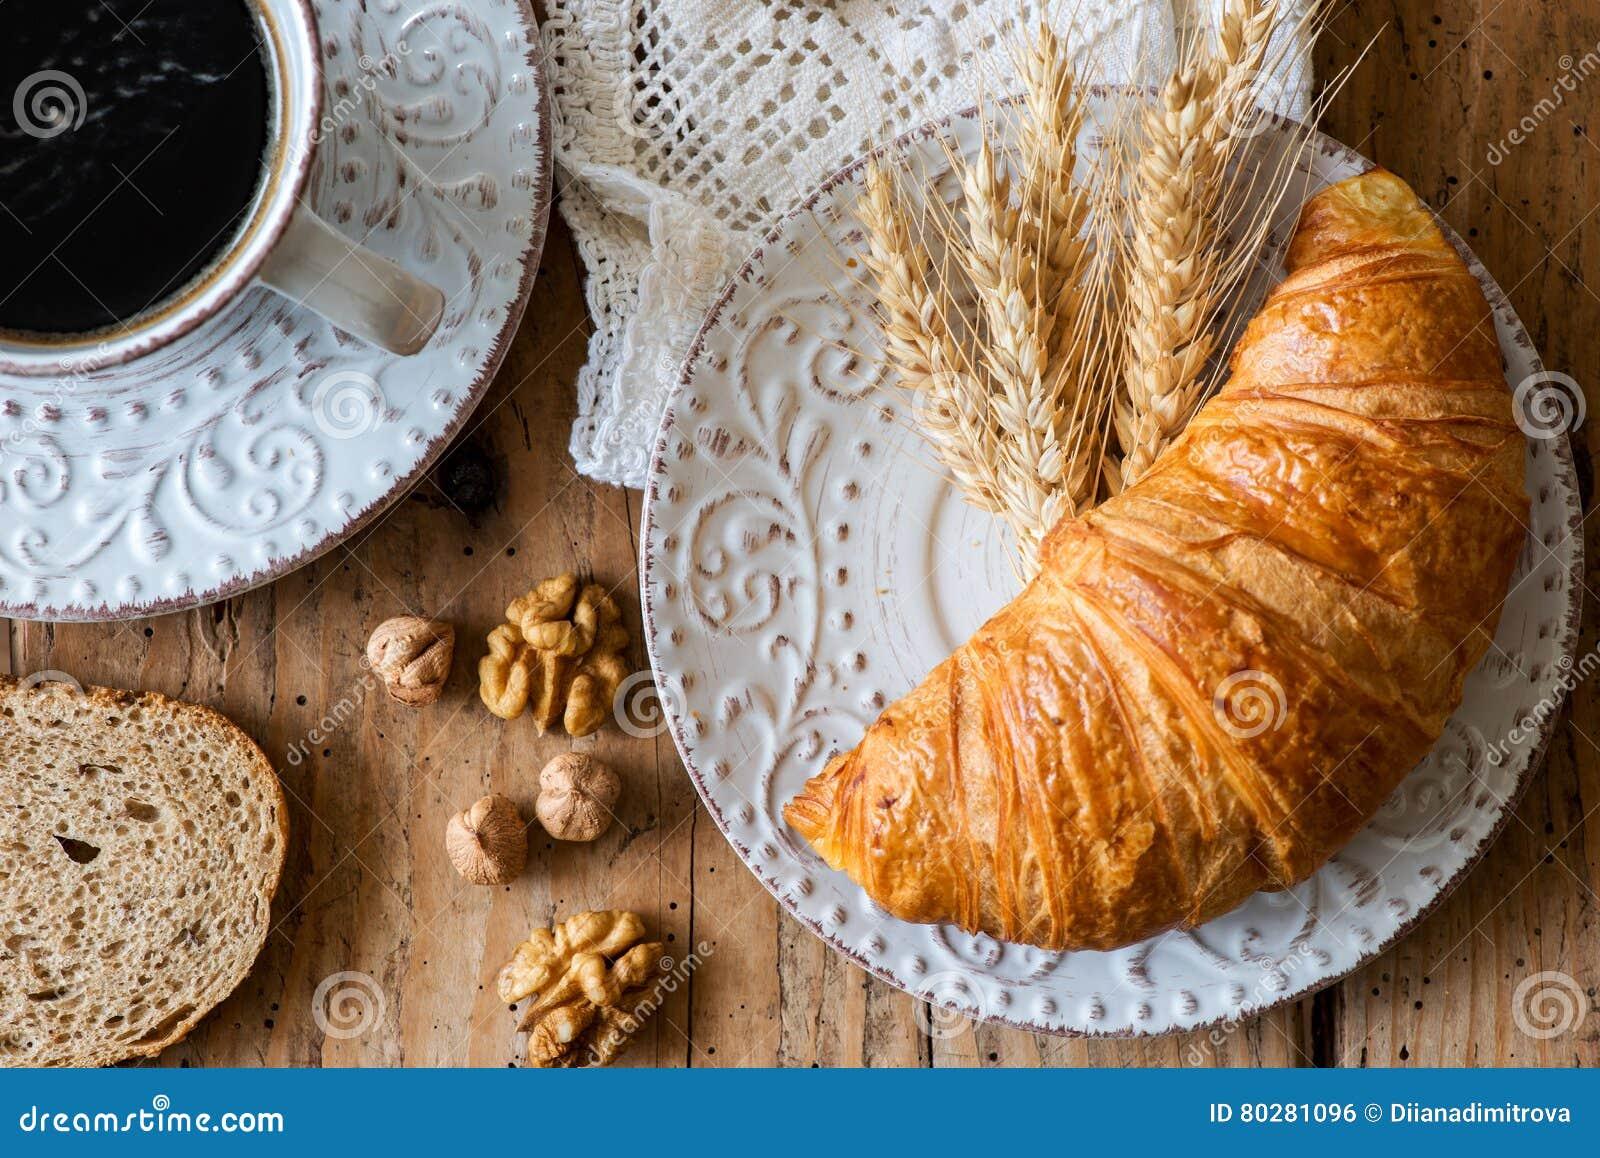 Desayune con los cruasanes recientemente cocidos - visión superior